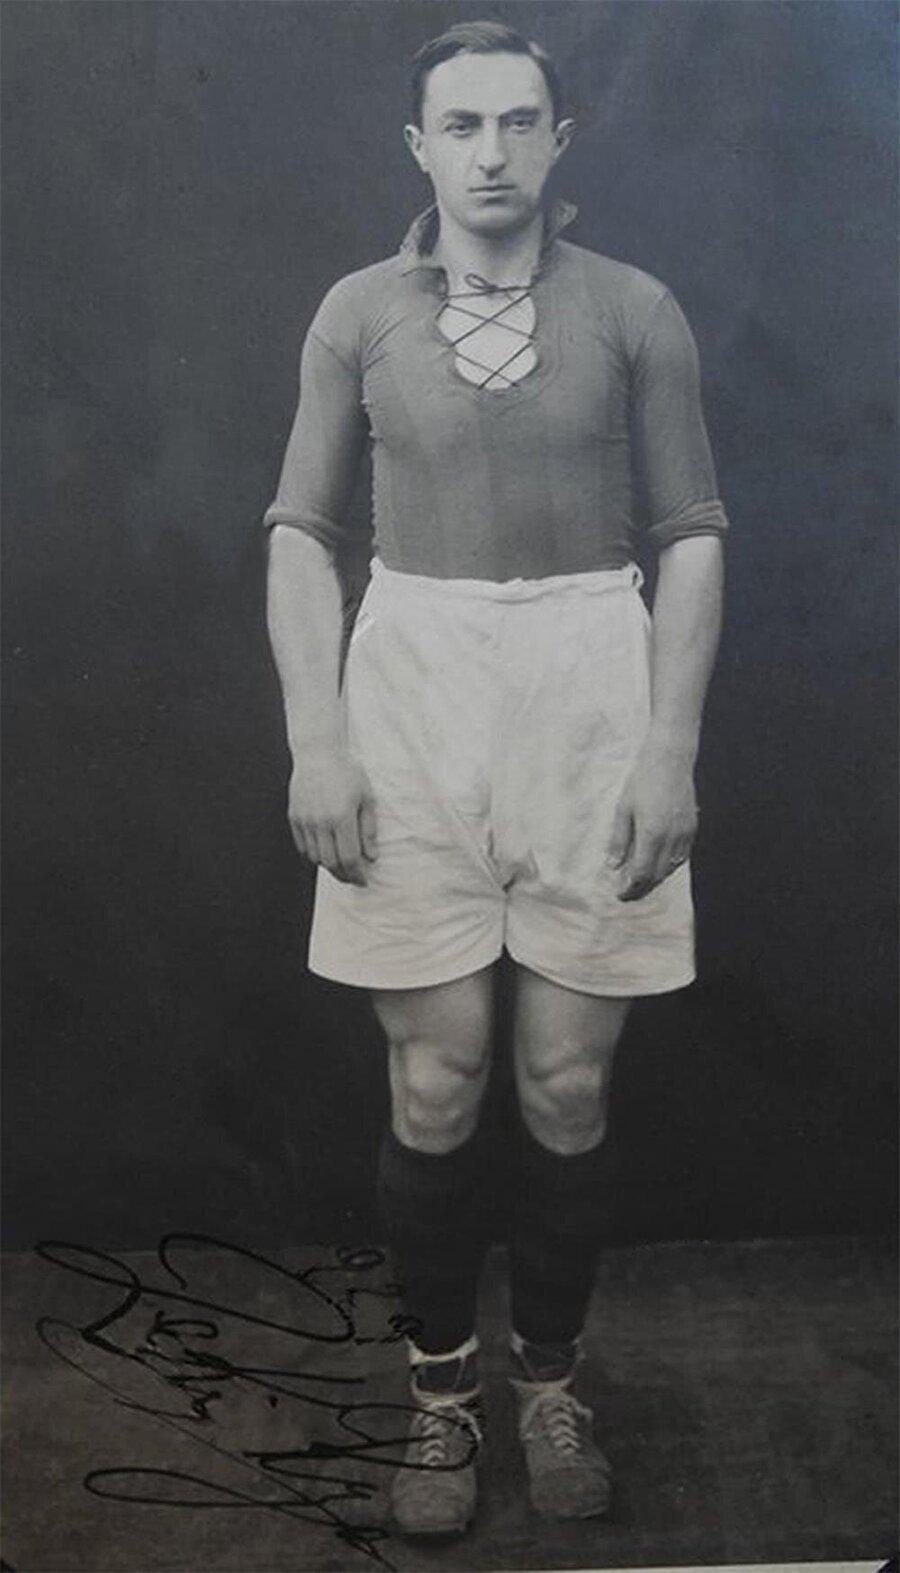 1898'de dünyaya gelen Zeki Rıza, 1907'de kurulan Fenerbahçe'ye çocuk yaşta gönlünü kaptırdı. Zeki Rıza çubukluyu henüz 17 yaşındayken giymeye başladı. Spora düşkün bir ailede büyüyen Zeki Rıza hem yetenekleriyle hem de beyefendi kimliğiyle takdir topluyordu.